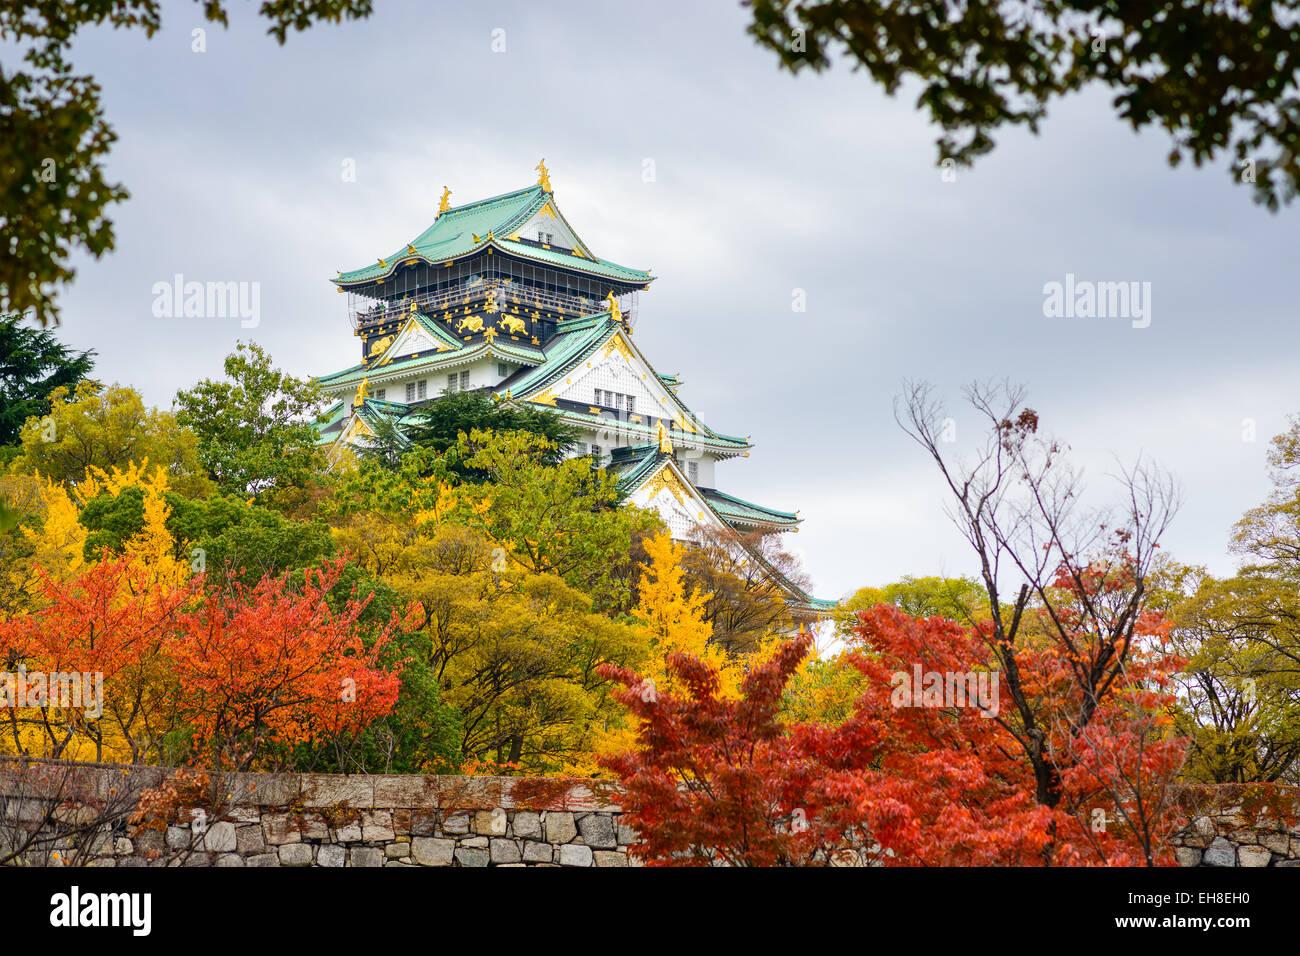 El Castillo de Osaka en la temporada de otoño. Imagen De Stock